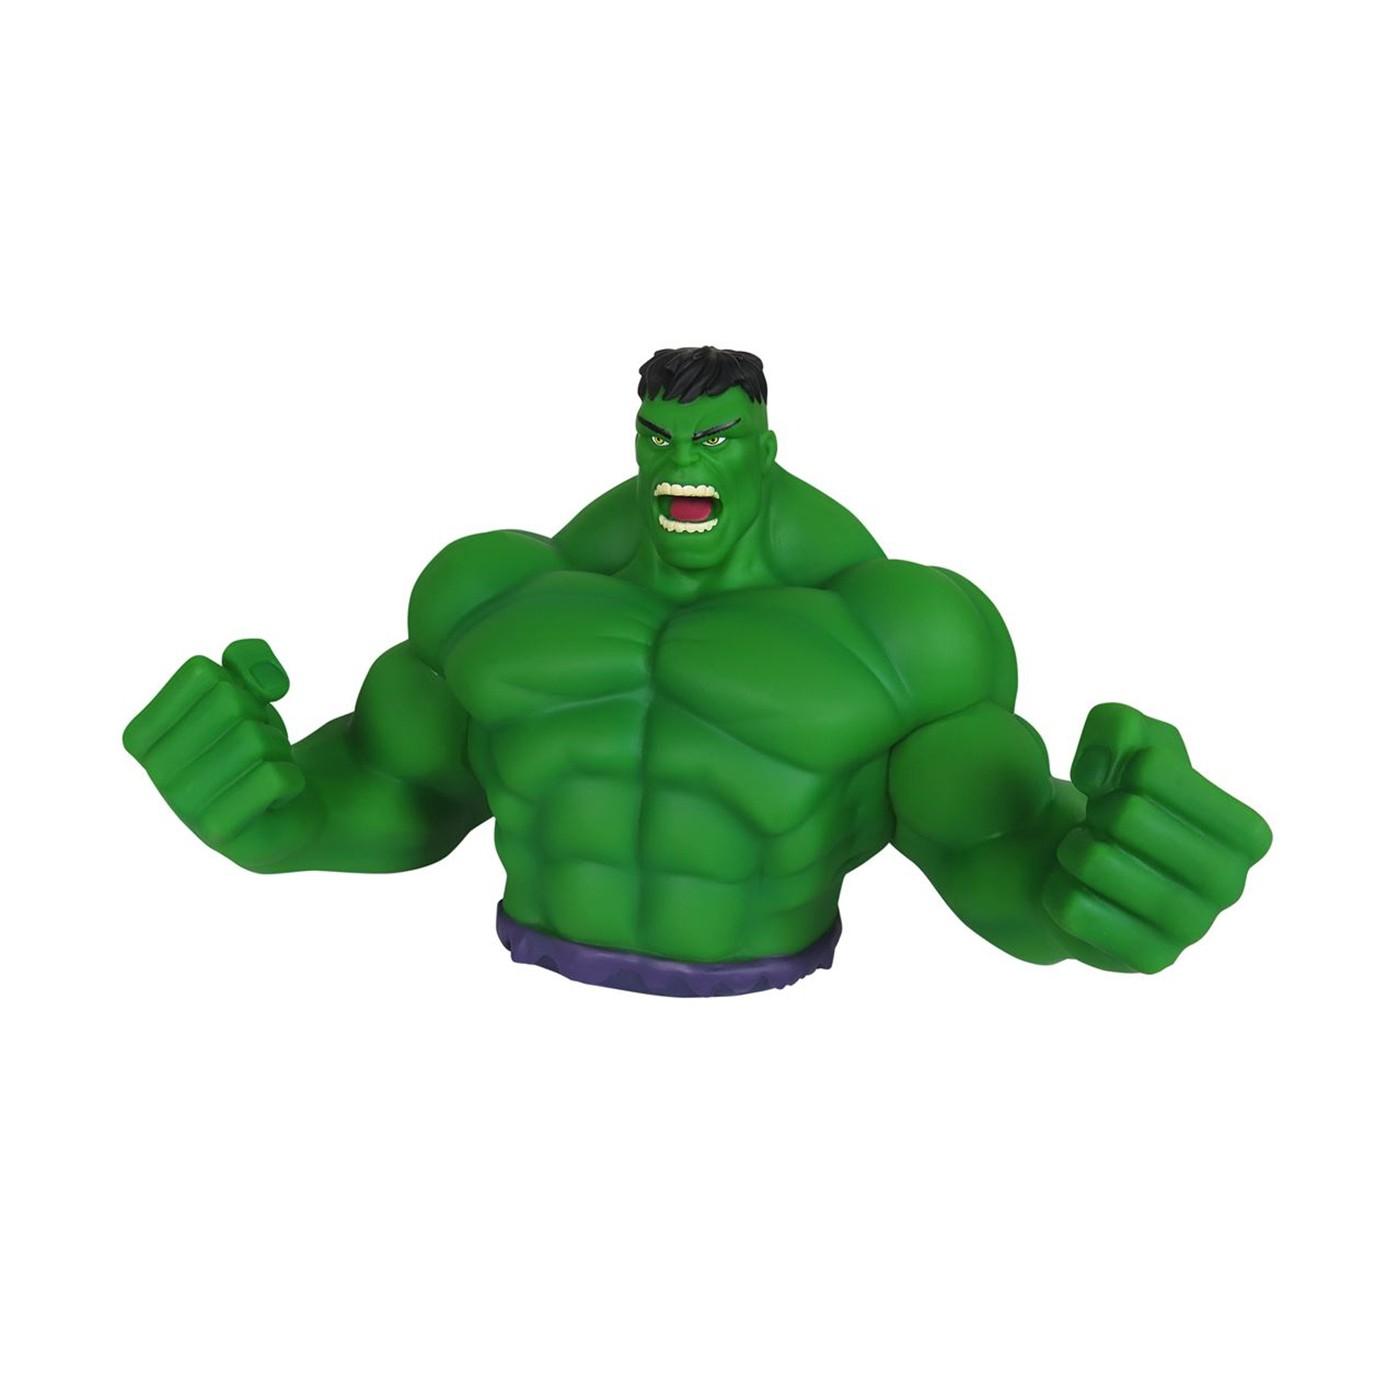 Hulk Angry Face Bust Bank